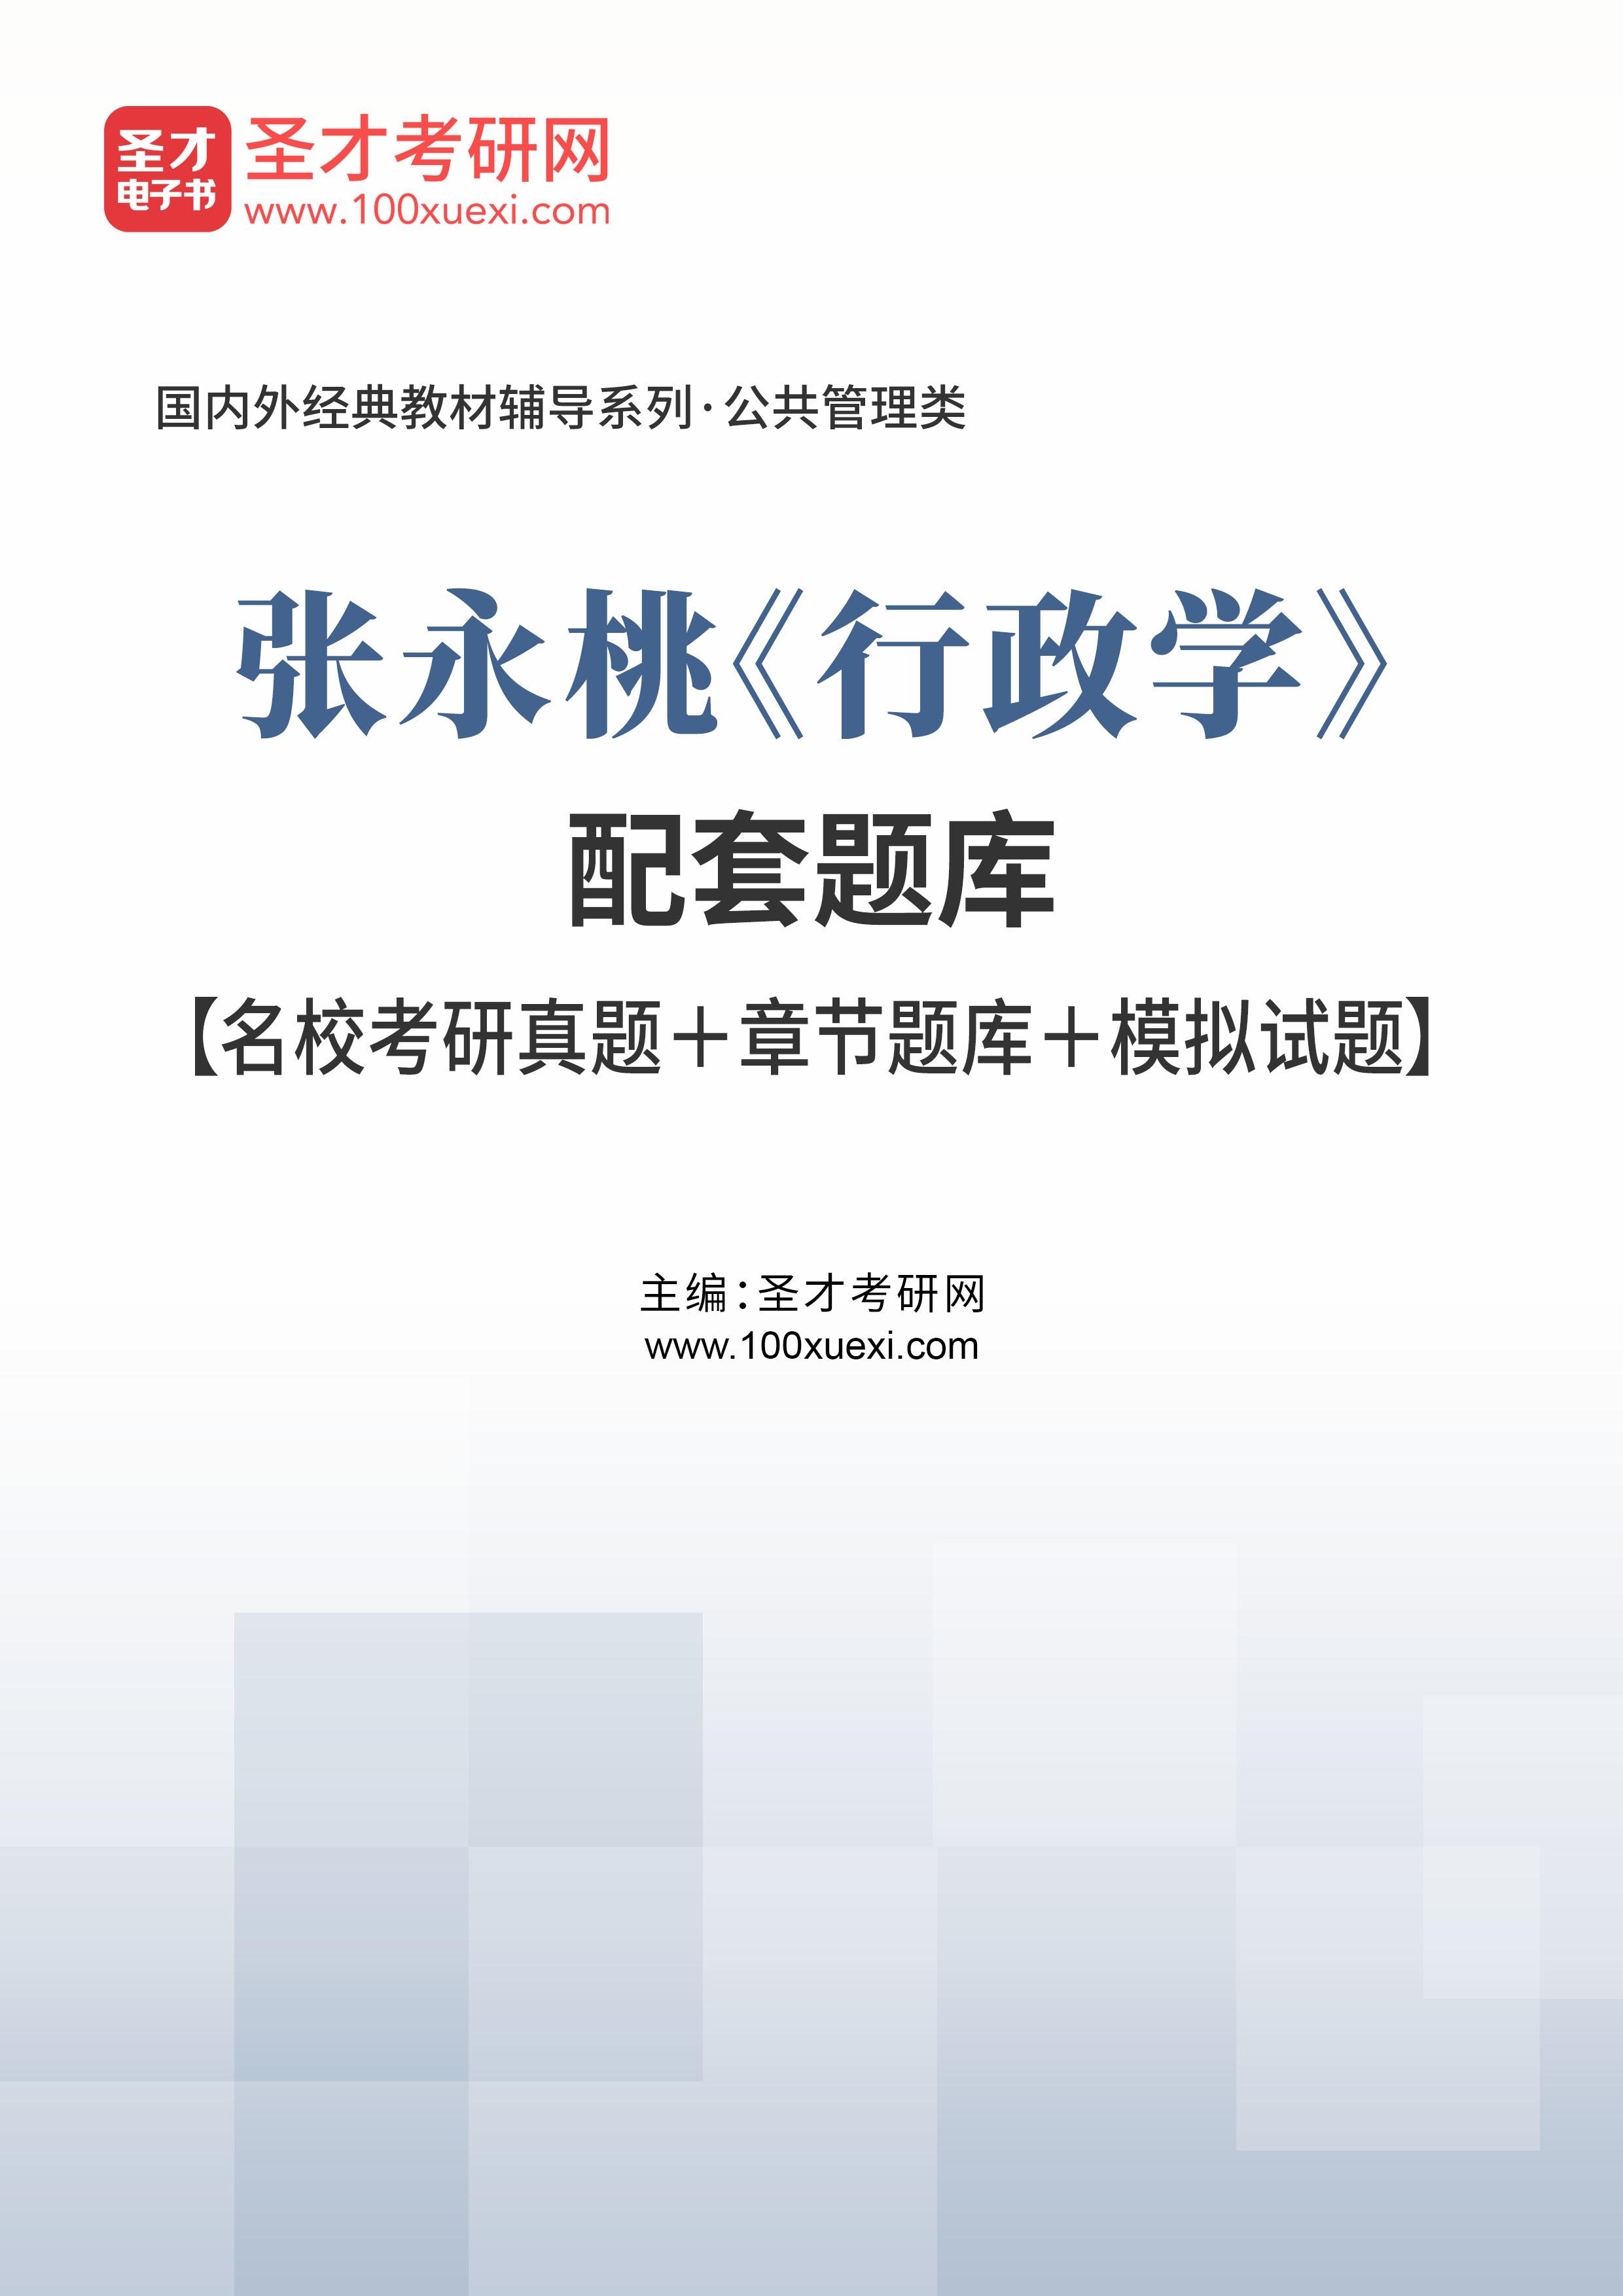 张永桃《行政学》配套题库【名校考研真题+章节题库+模拟试题】